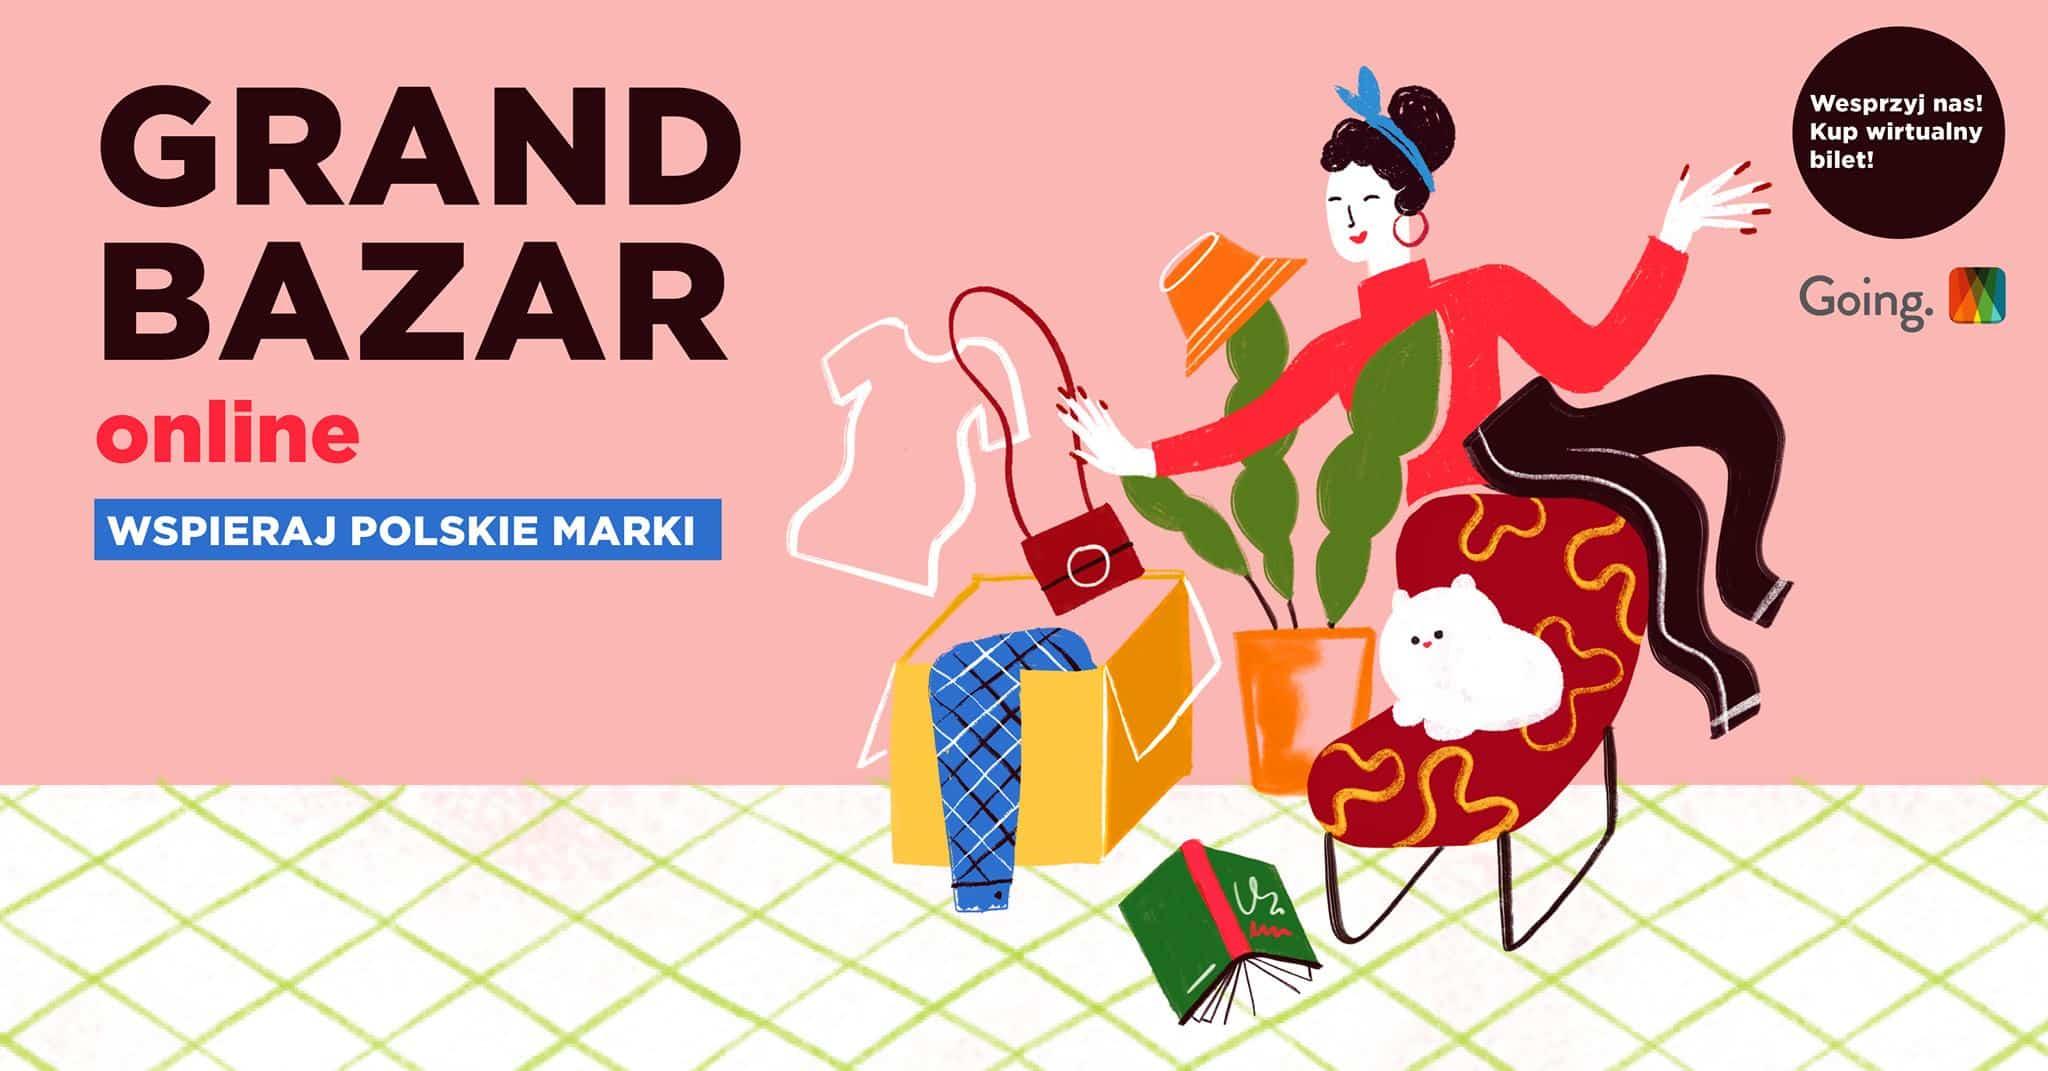 GRAND BAZAR online. – Harel – niezależny blog o modzie